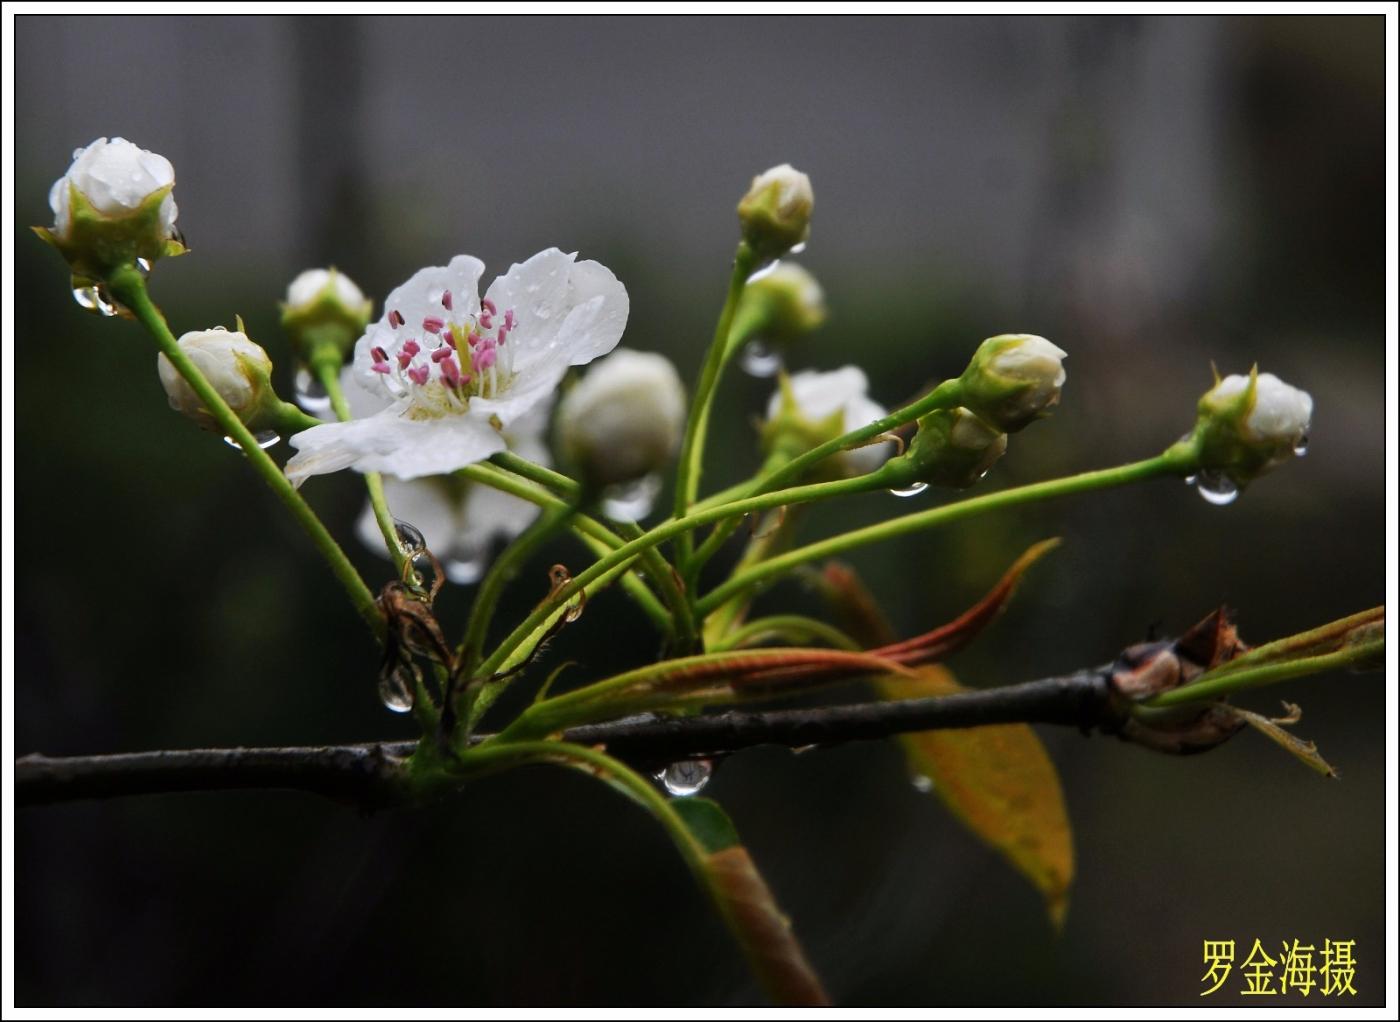 美丽中国,我是行动者(诗歌)_图1-2